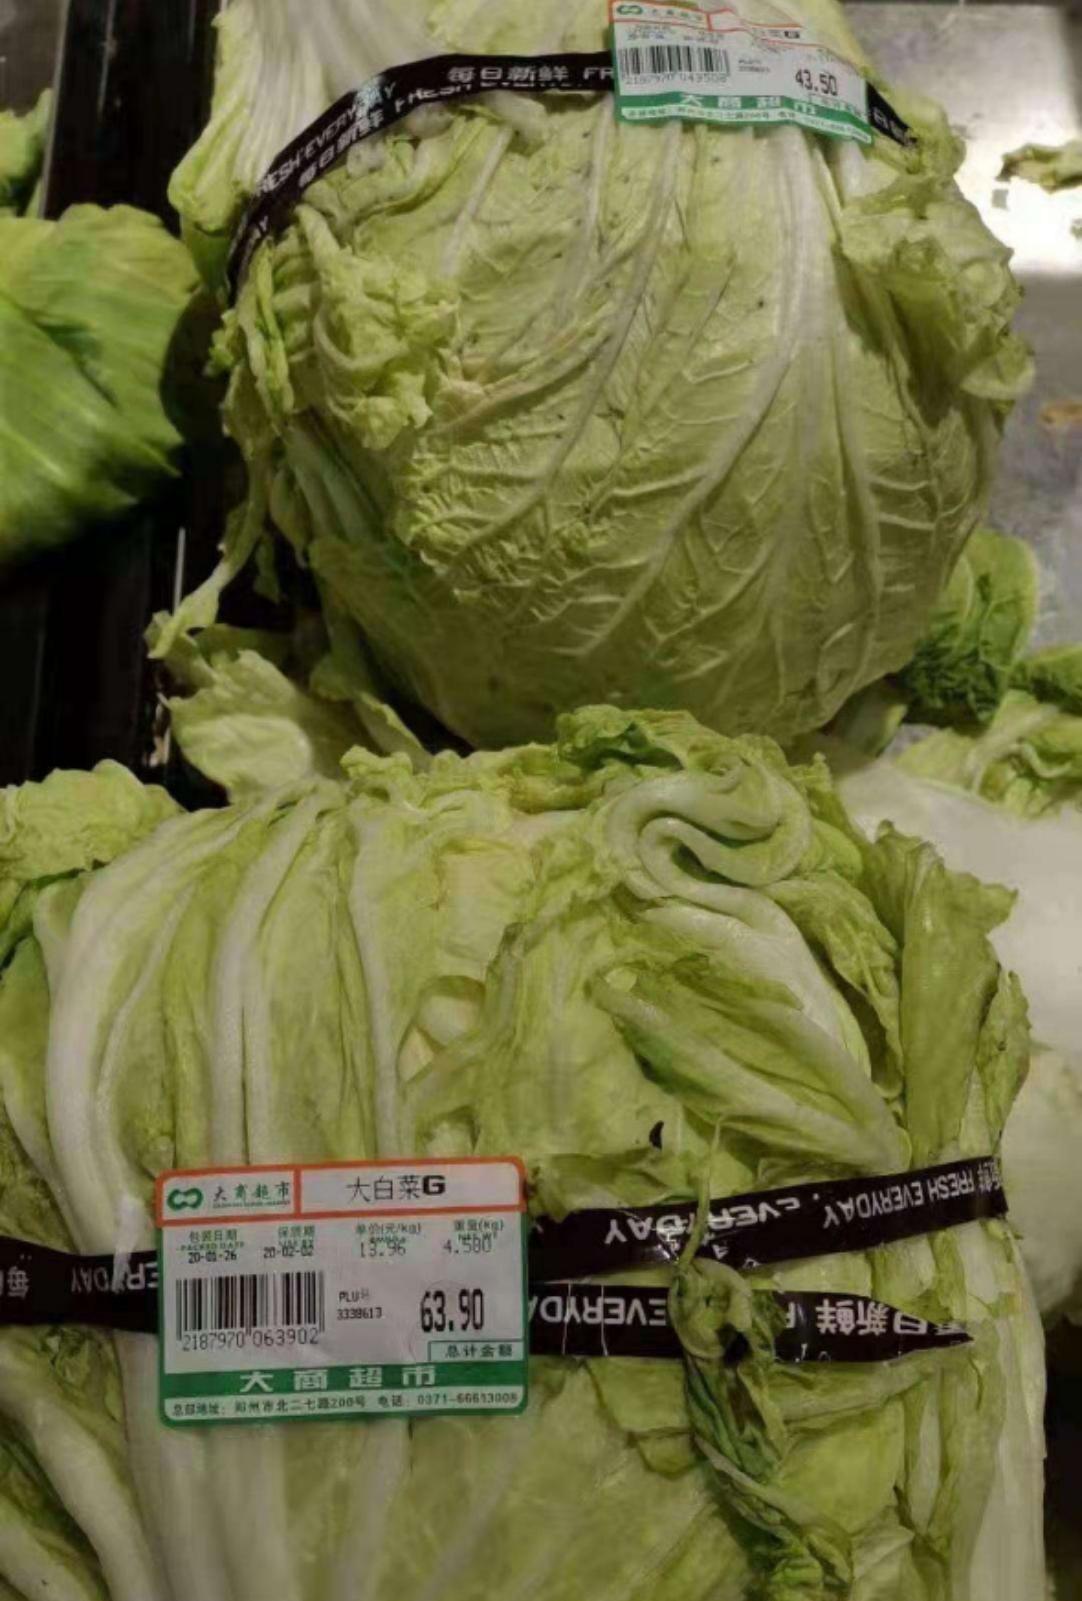 ?一颗白菜卖63.9元,郑州一超市被罚款50万